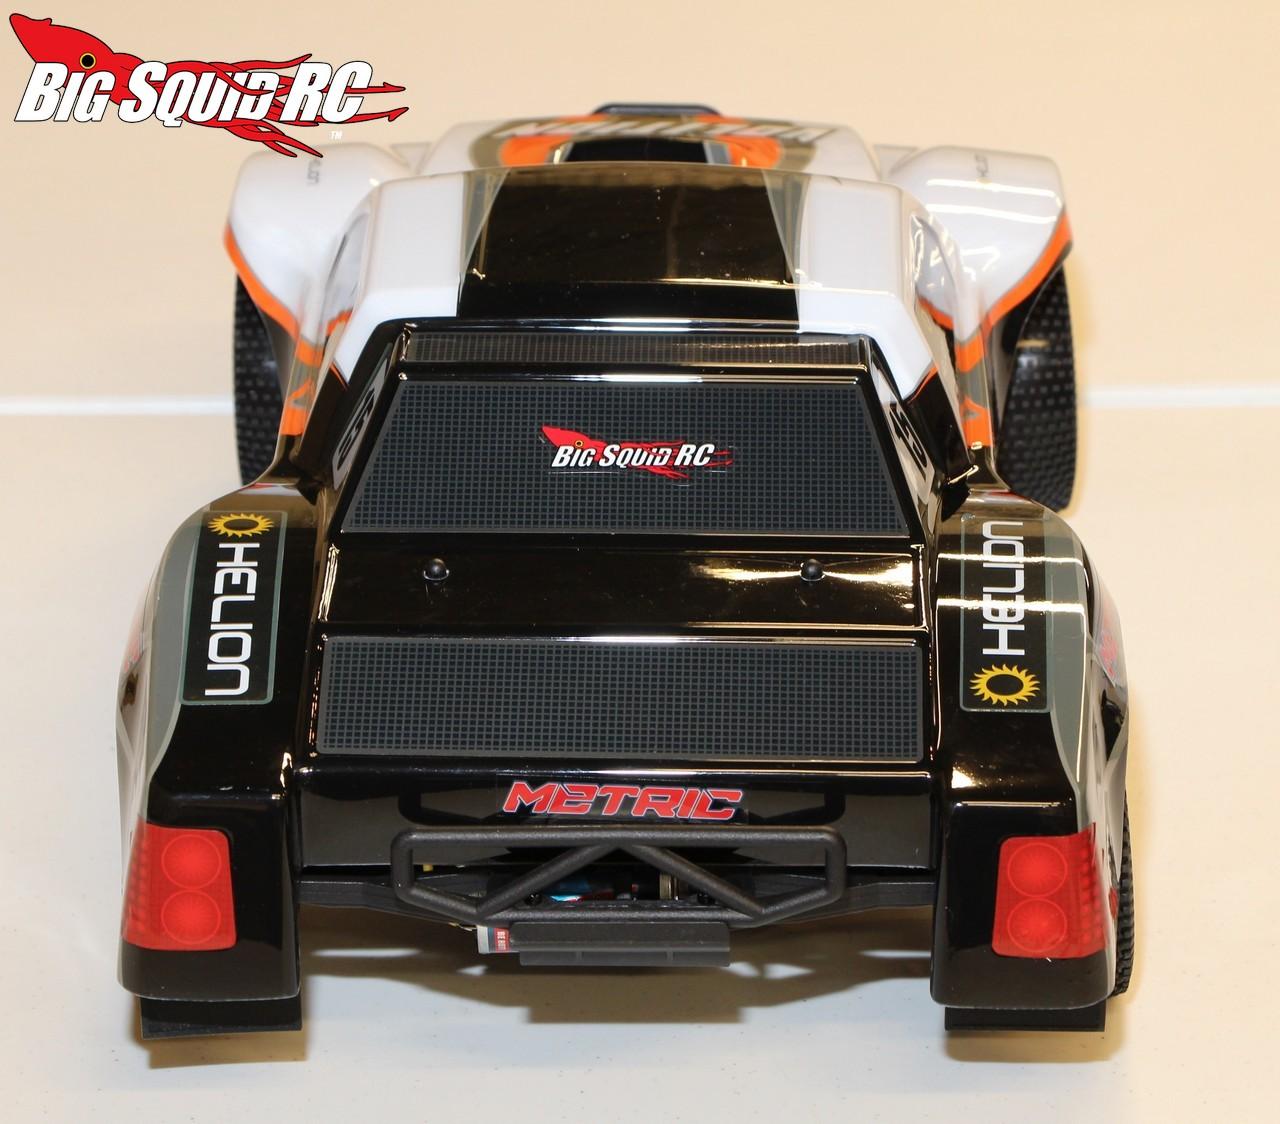 Helion Volition Sct Unboxing 00008 171 Big Squid Rc Rc Car